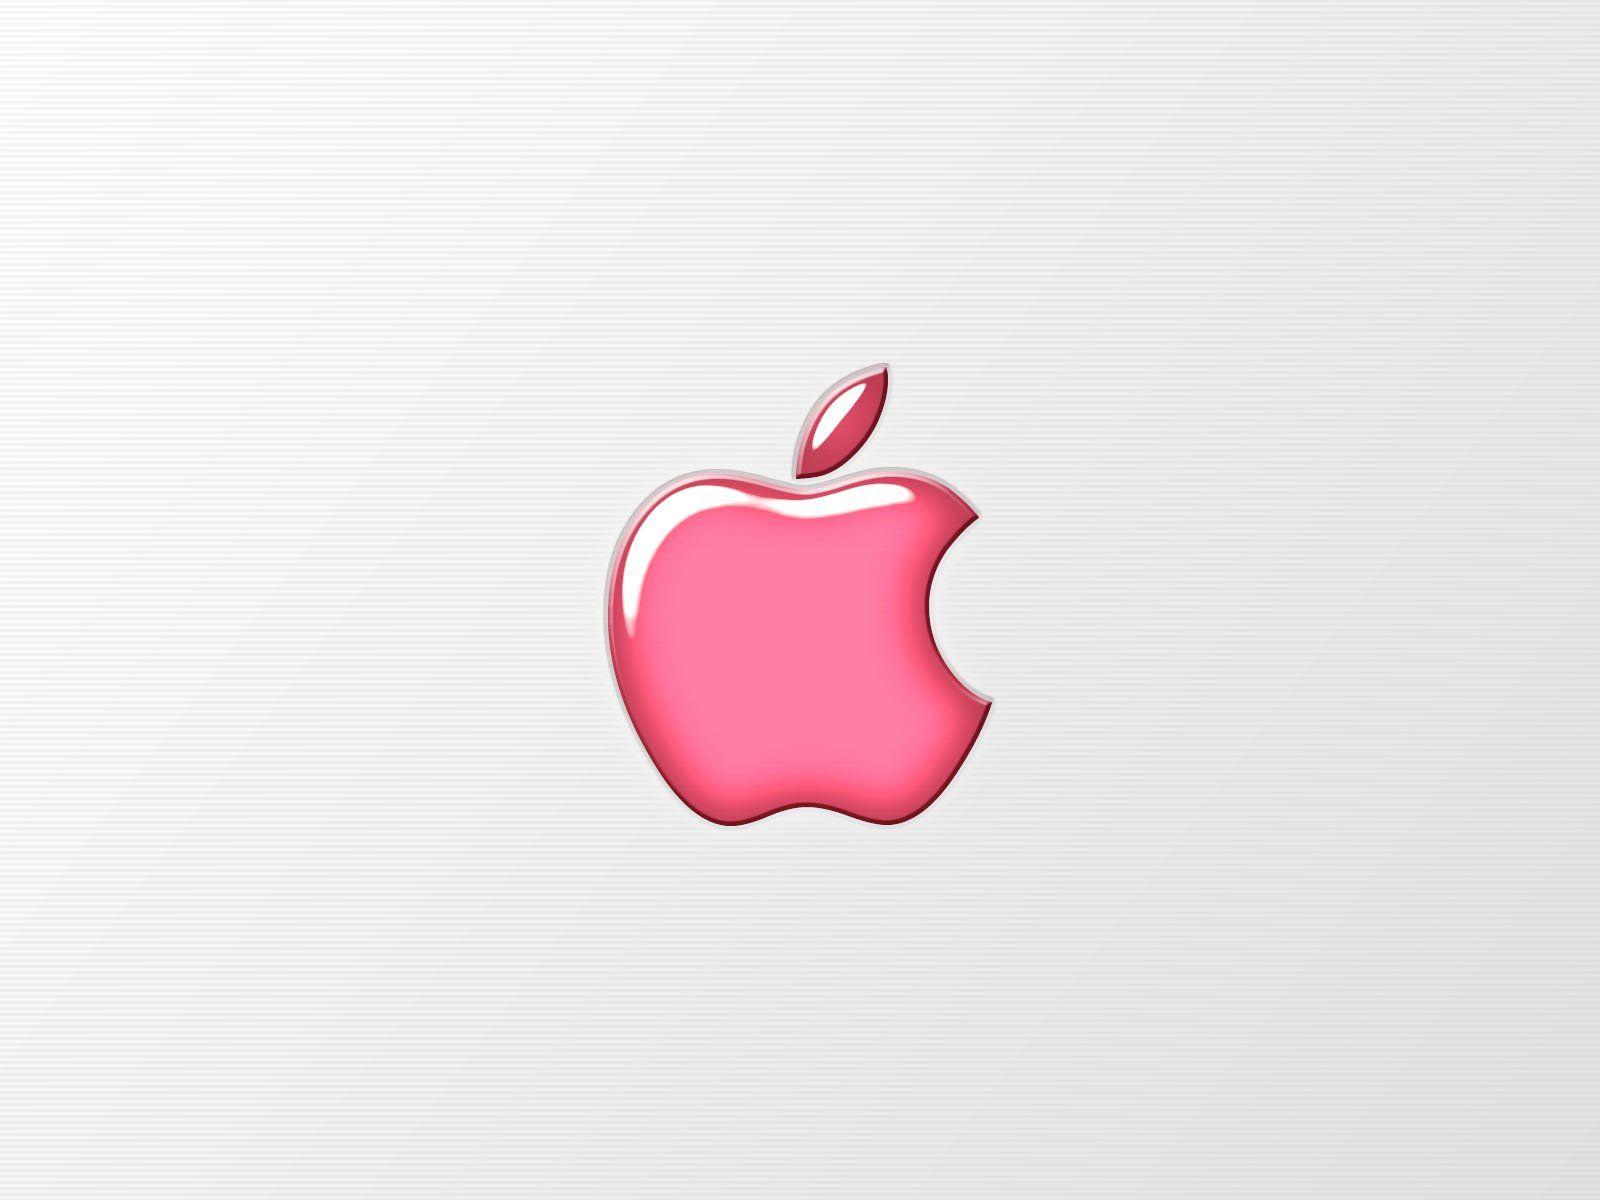 Pin On Ipad Pro Others Wallpaper: Fond D' Cran Mac